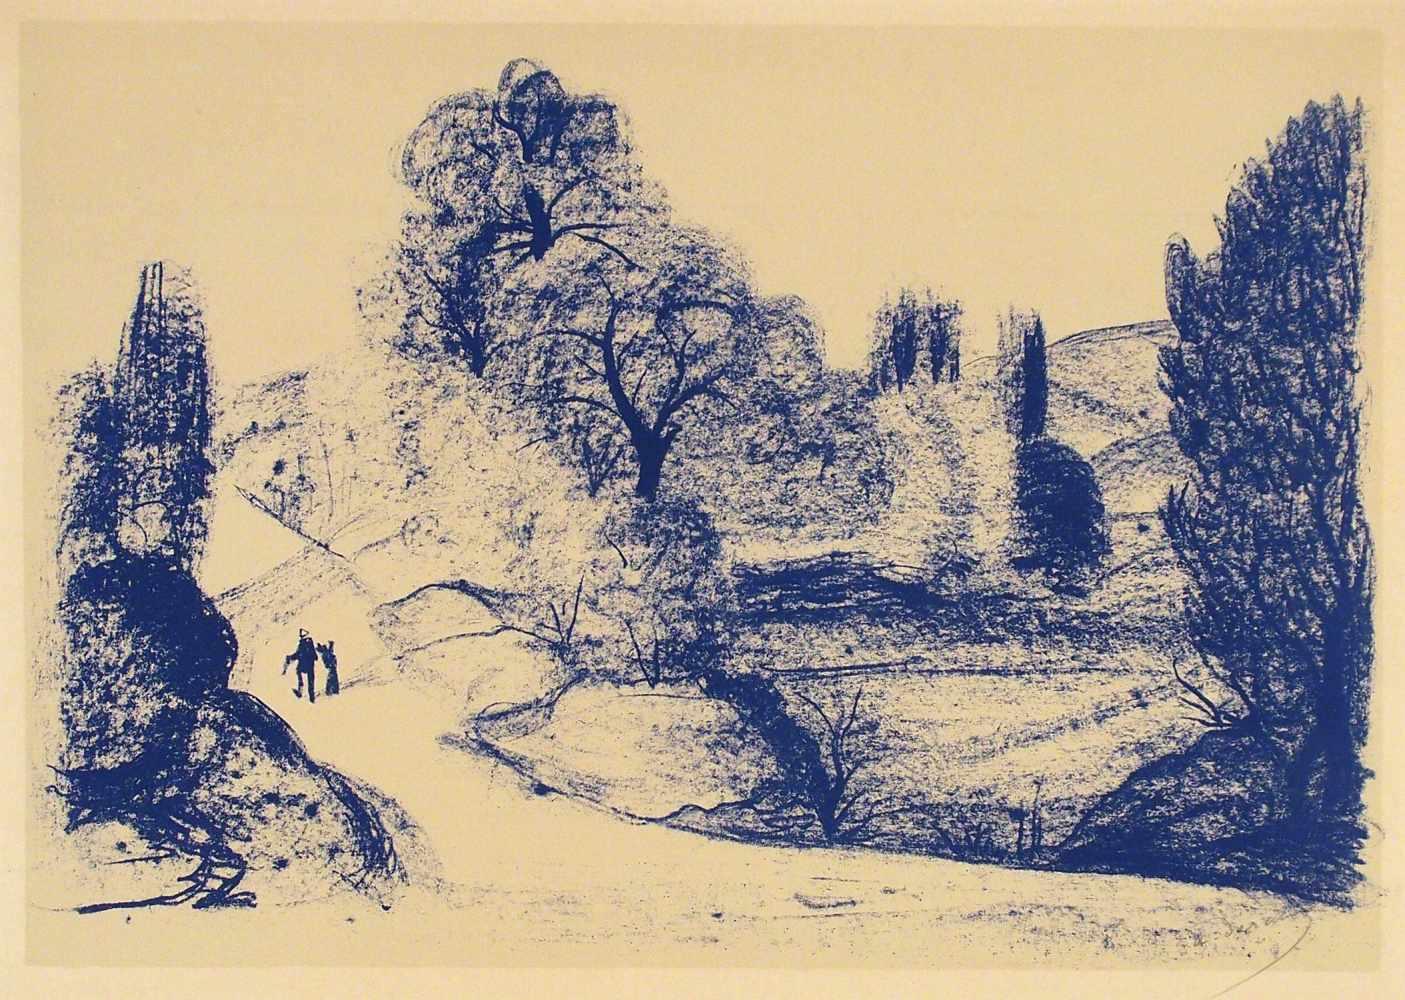 Lot 52 - André DerainChatou bei Paris 1880 - 1954 GarchesPaysage bleu. Lithographie. 1952. 39,7 x 57 cm (50,5